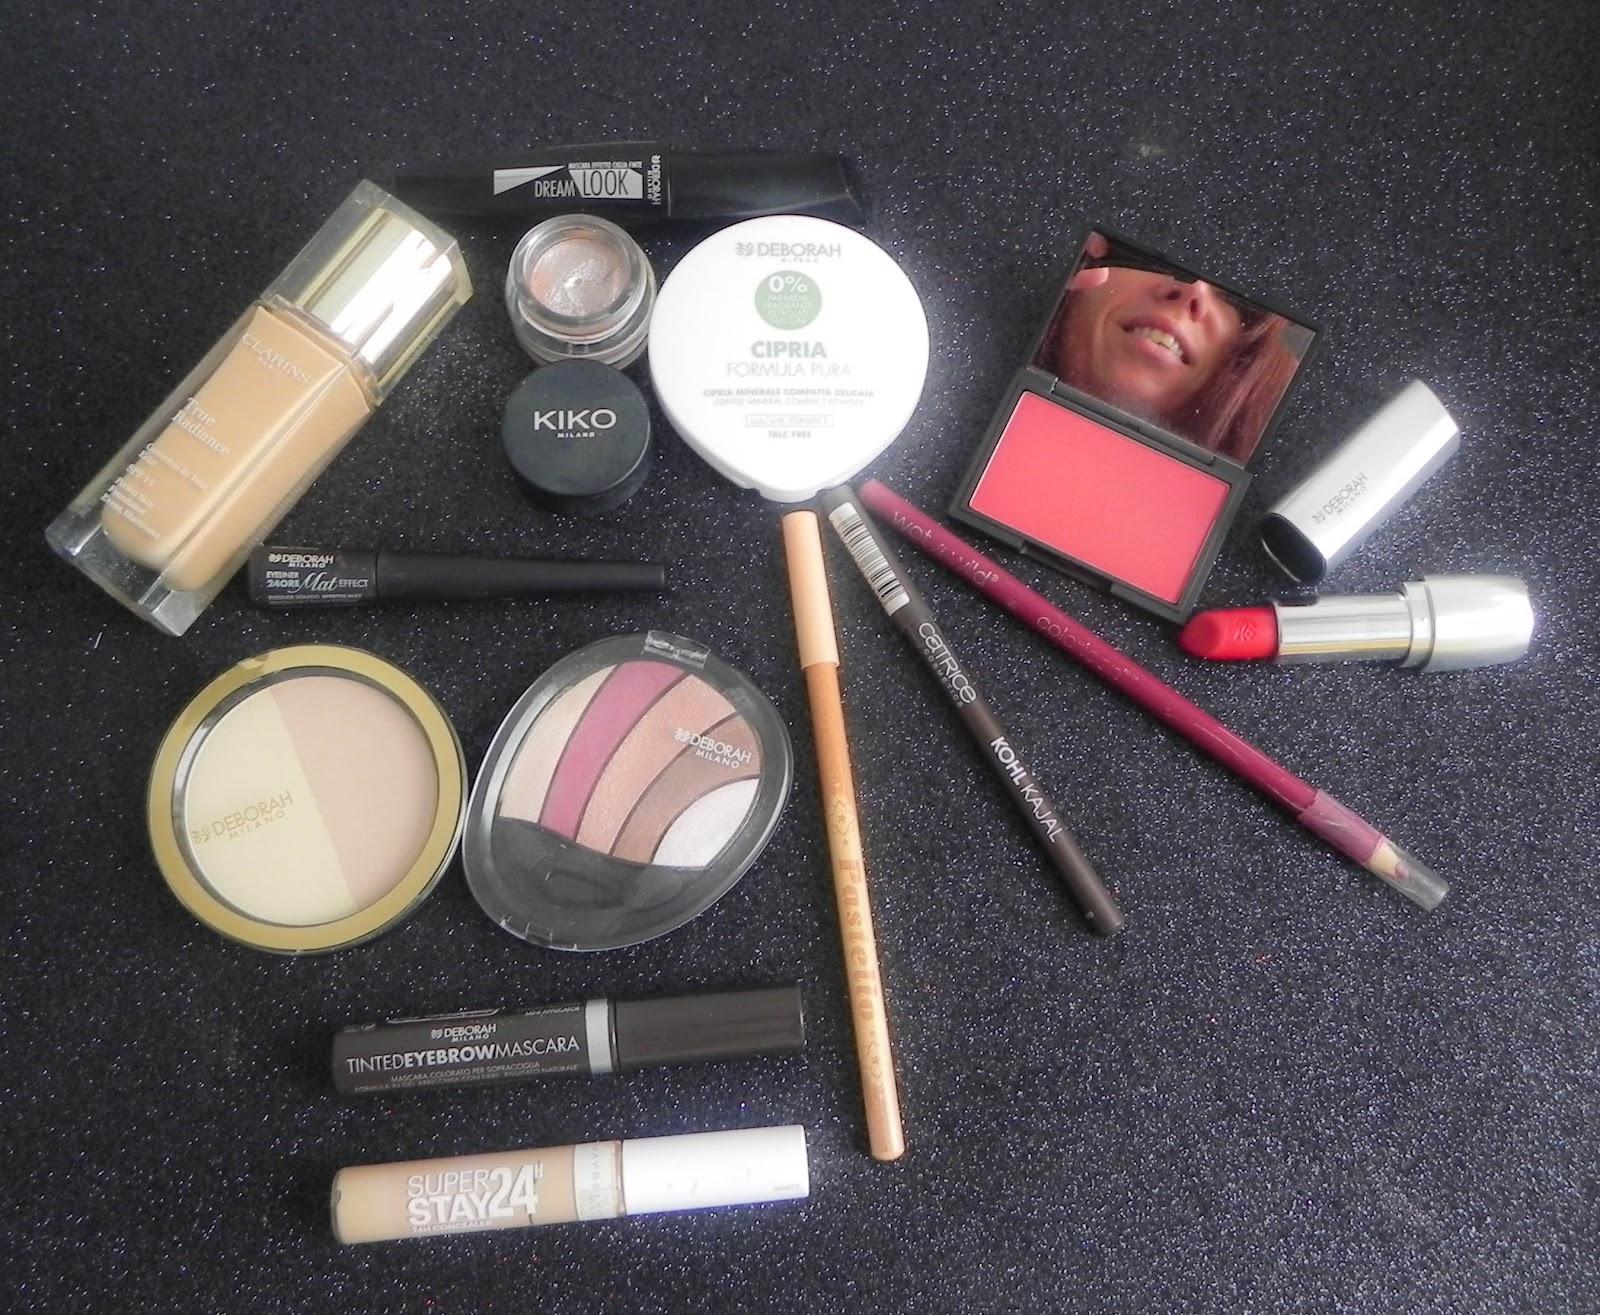 Lapinturera blog de cosm tica maquillaje y belleza - Pintaunas kiko efecto espejo ...